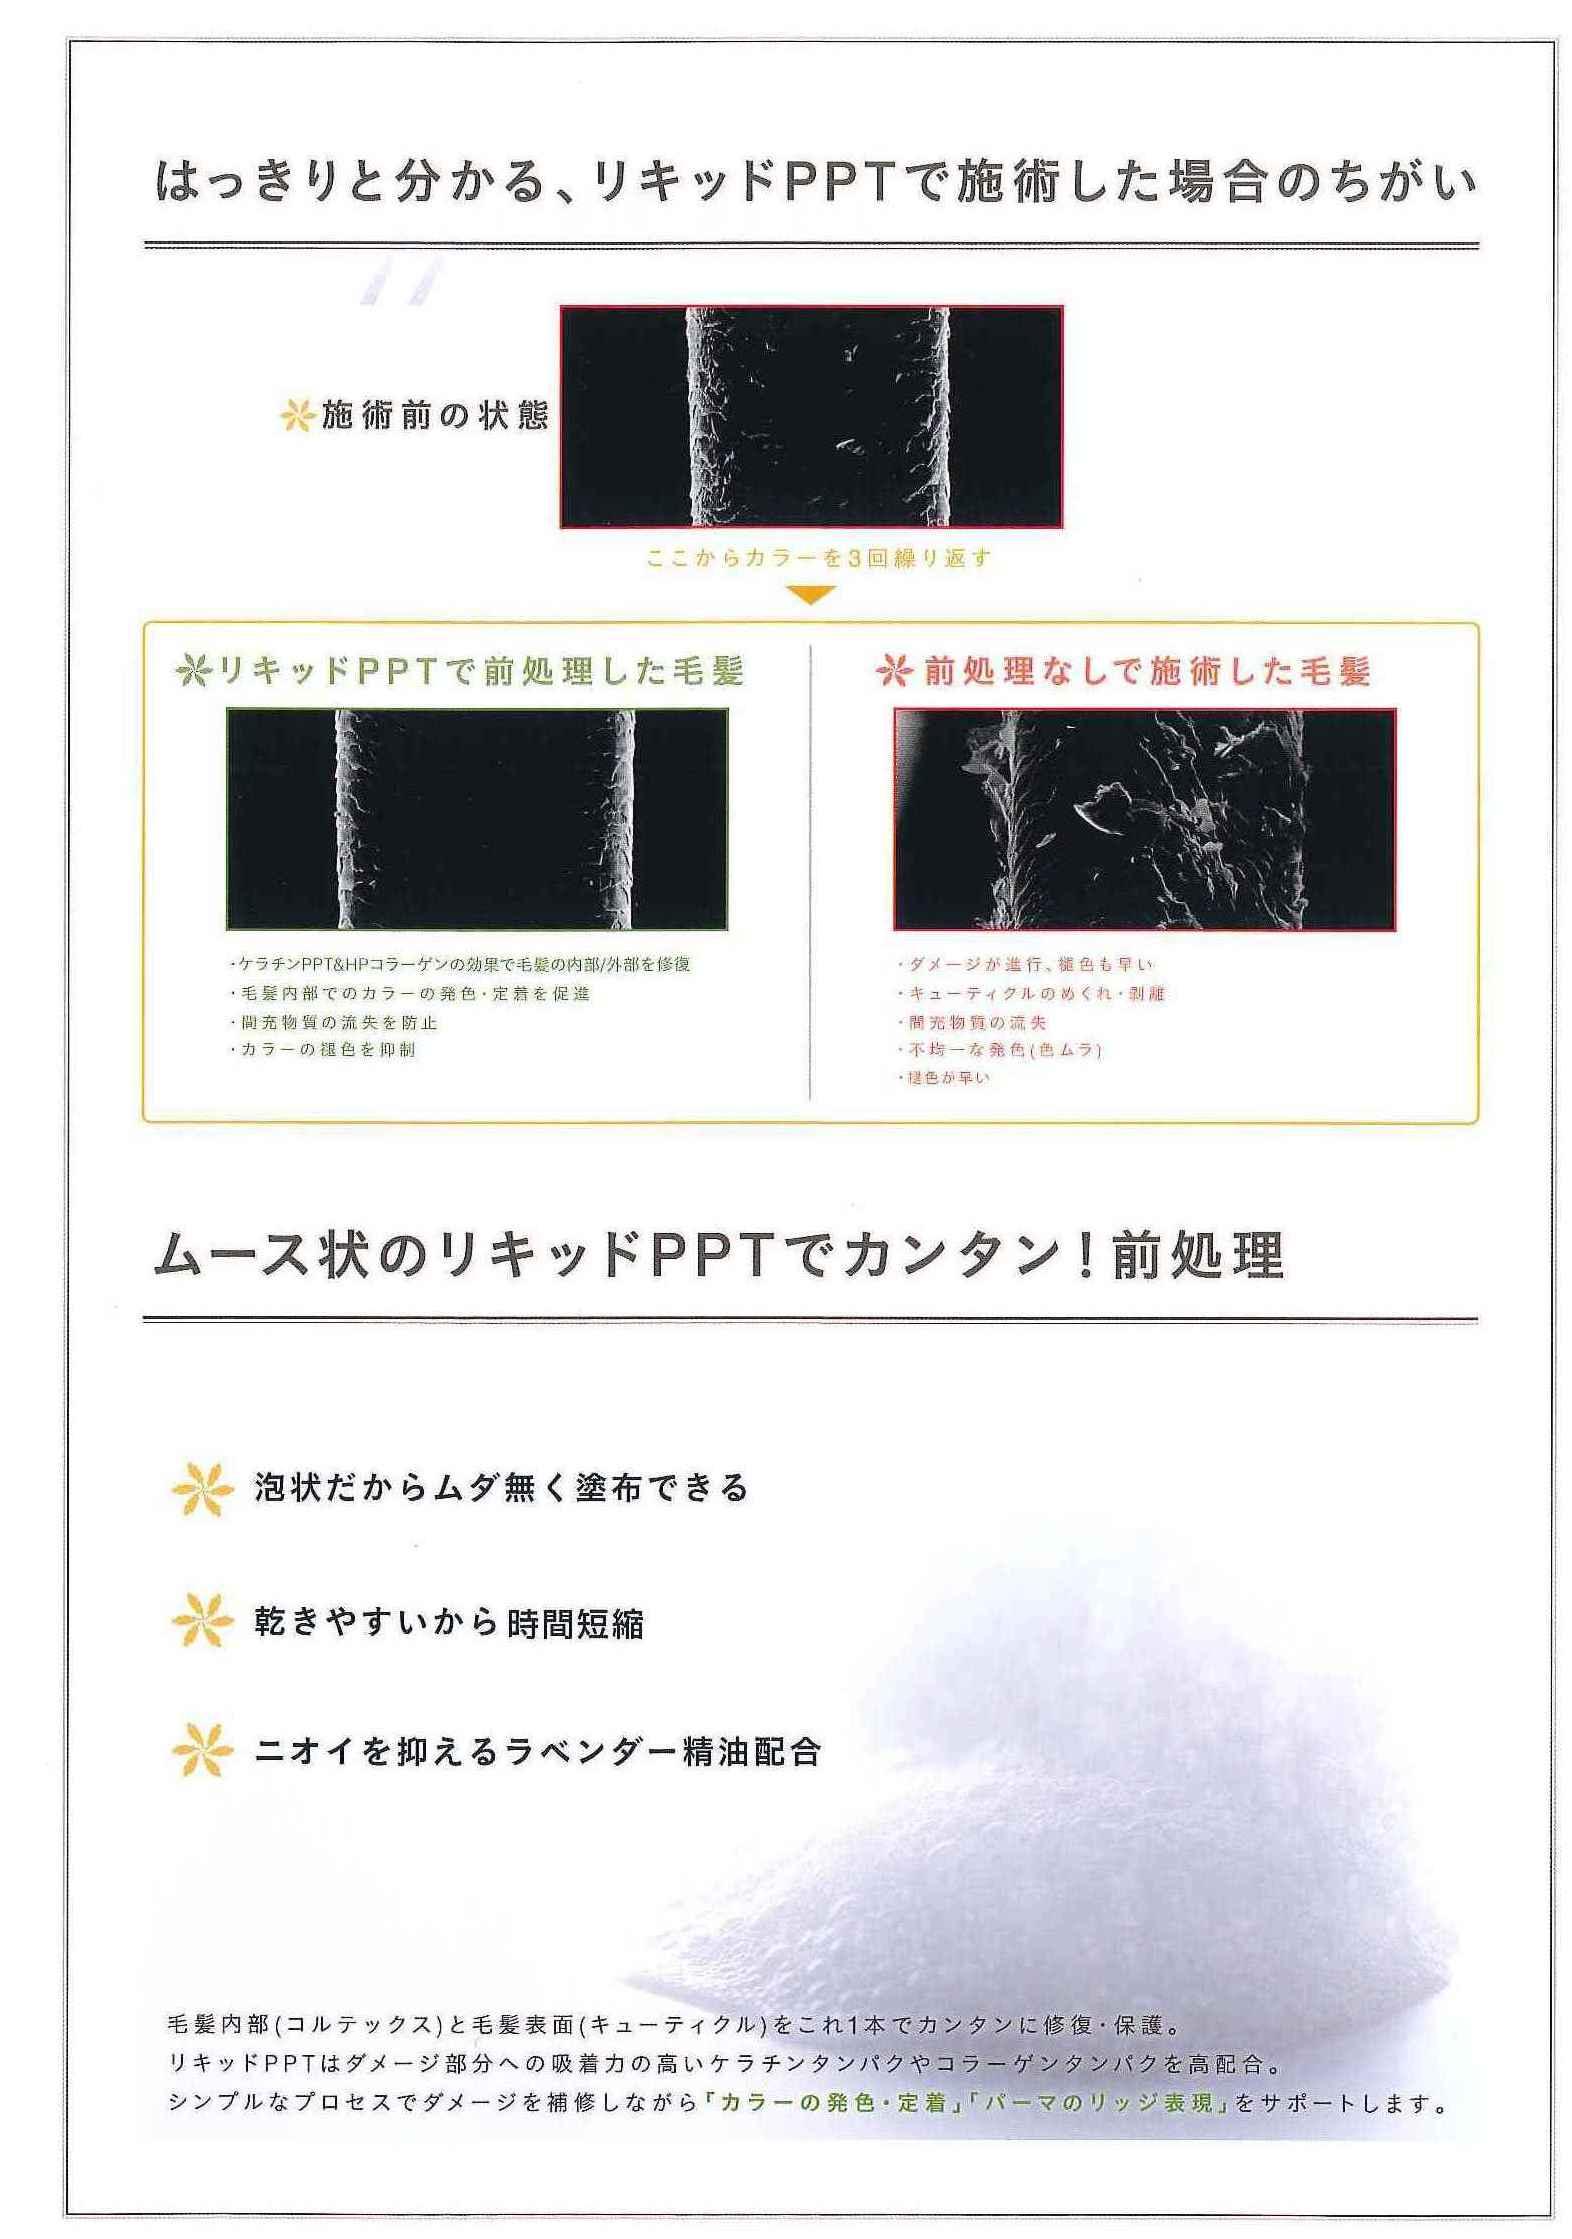 コピー ~ 201404171100_0002